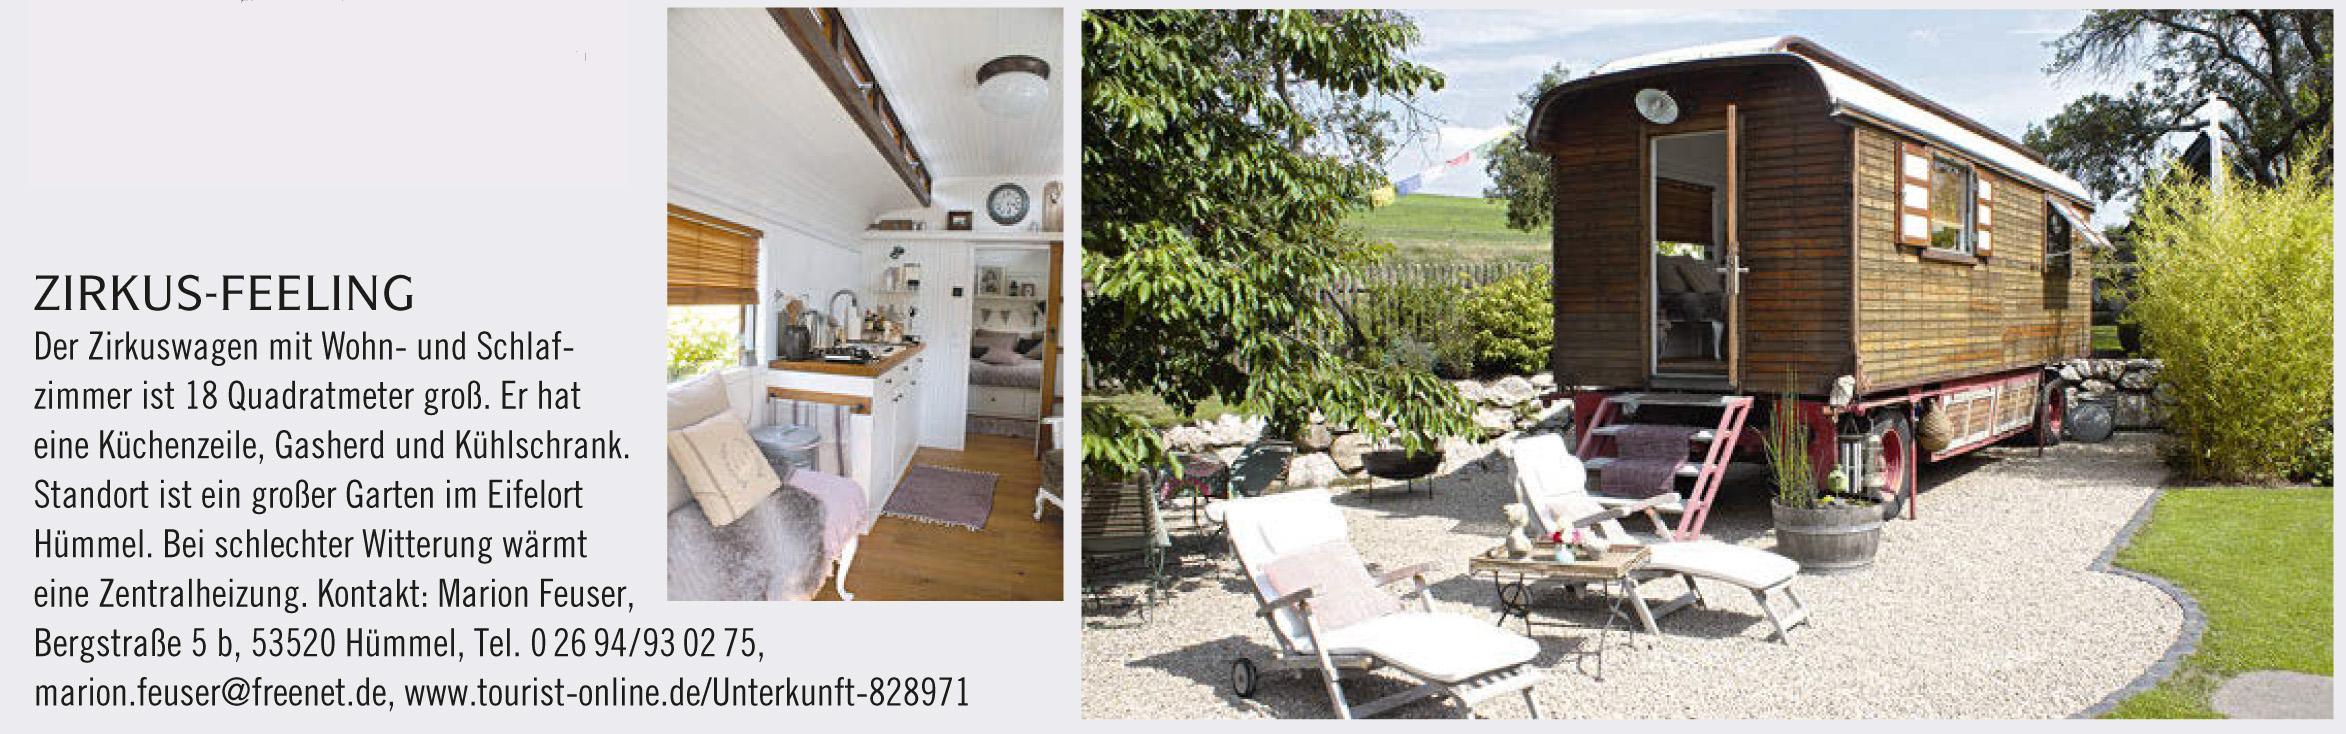 zuhausewohnen_2016-07_kleinehuettengroszesglueck-9_bearbeitet-1